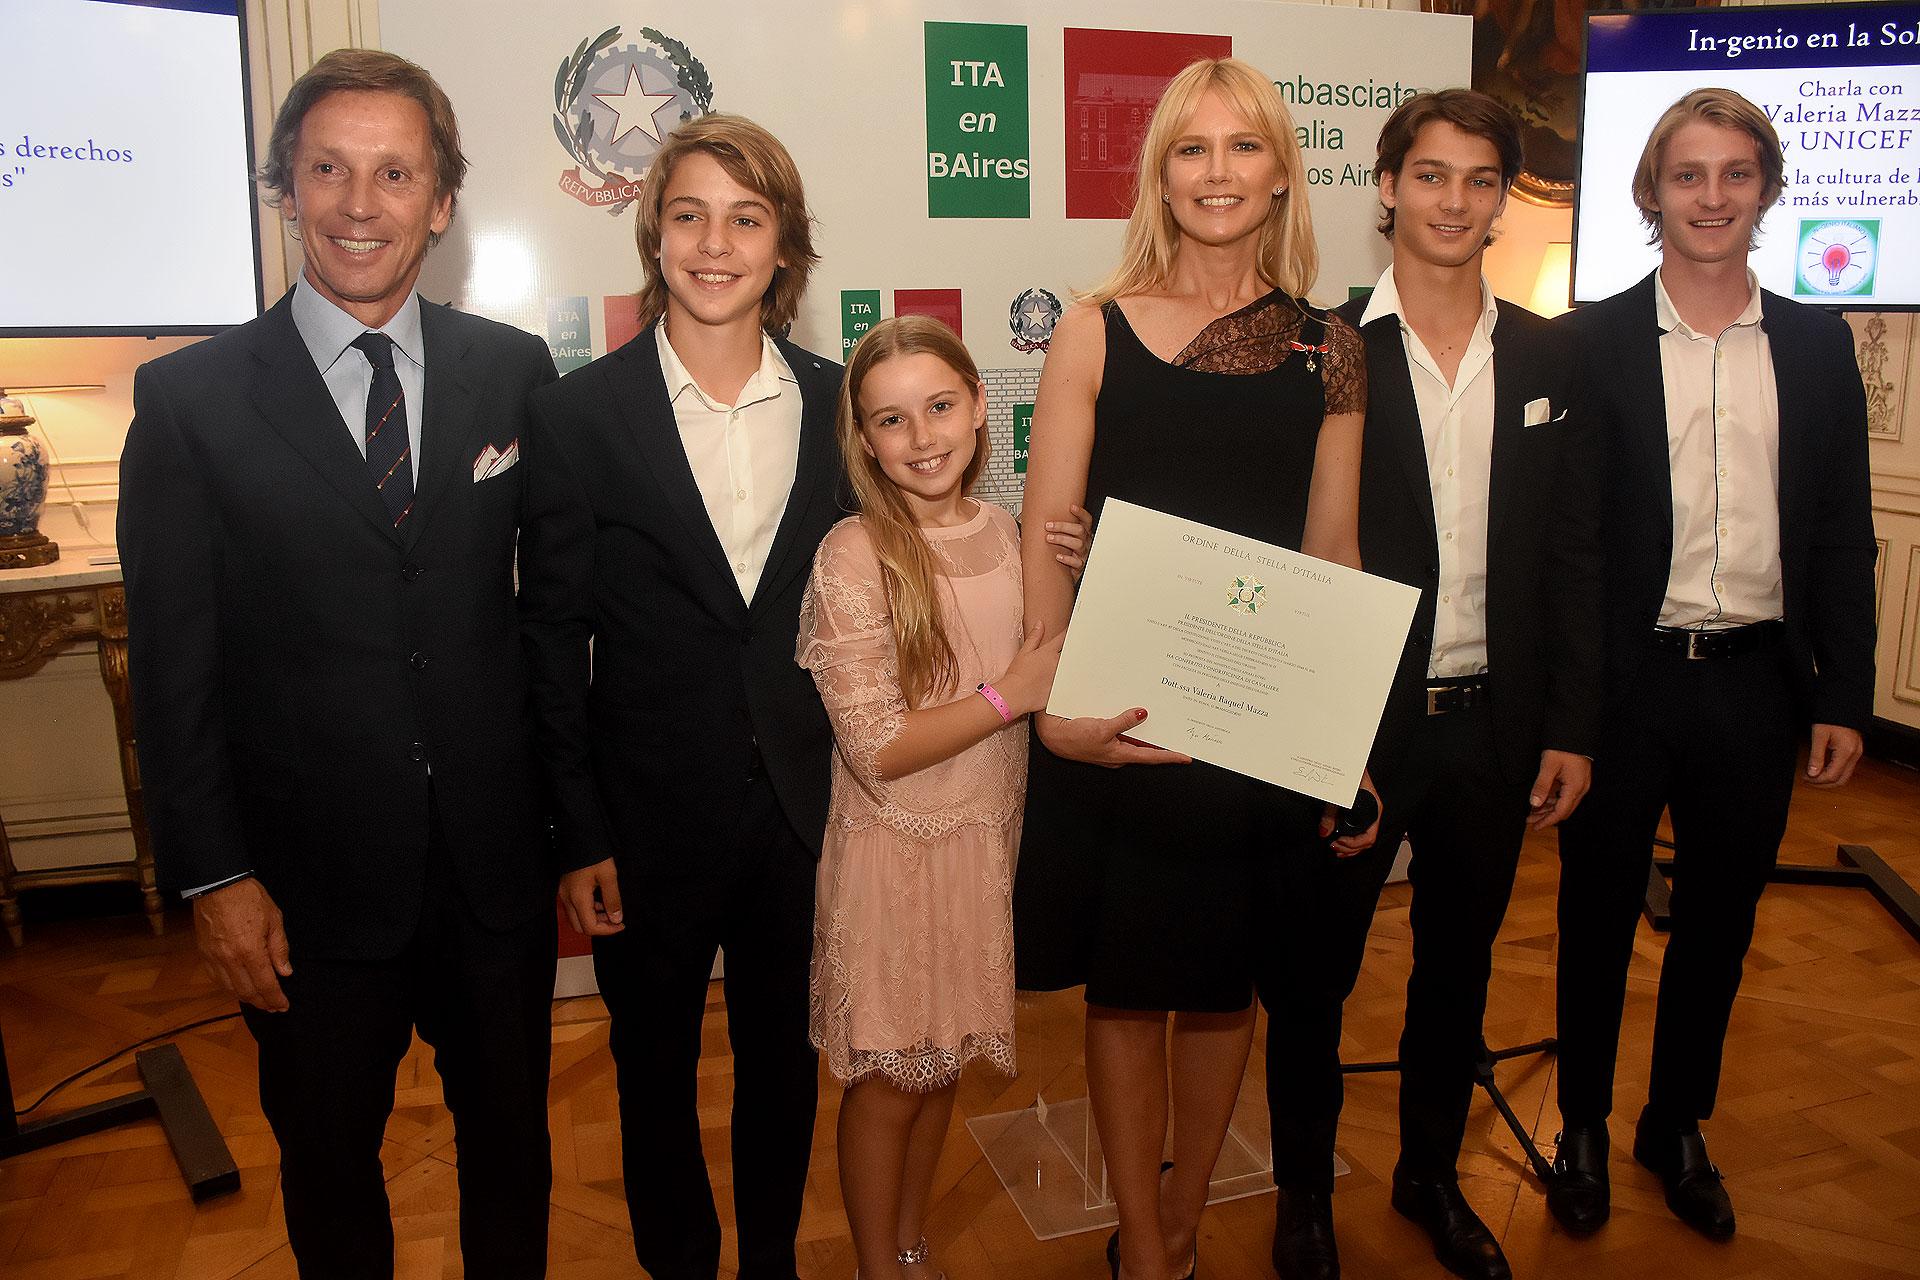 Alejandro Gravier y Valeria Mazza junto a sus hijos: Benicio, Tiziano, Taína y Balthazar